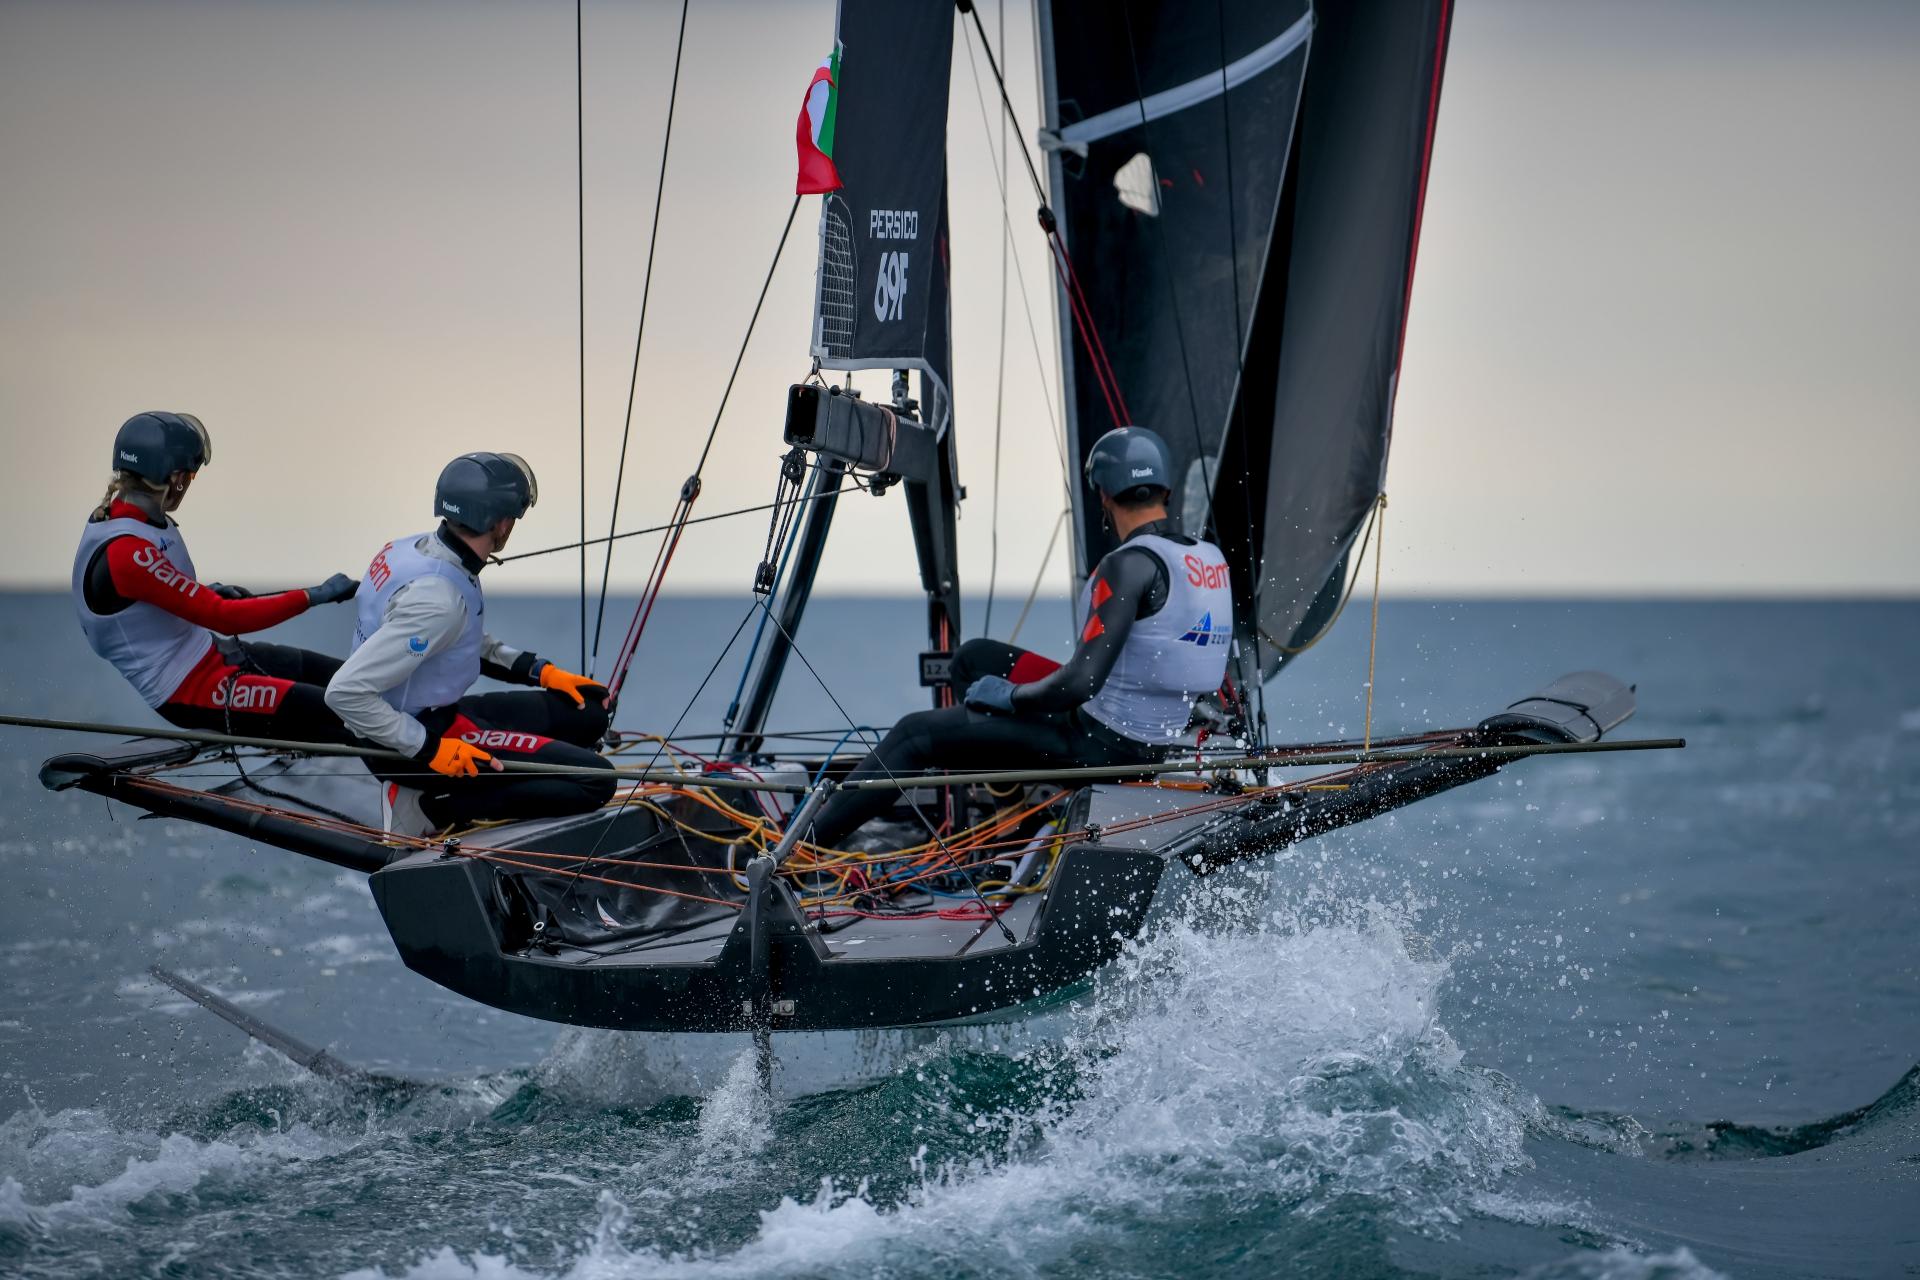 Young Azzurra guida la classifica provvisoria del primo turno dei knock out - NEWS - Yacht Club Costa Smeralda